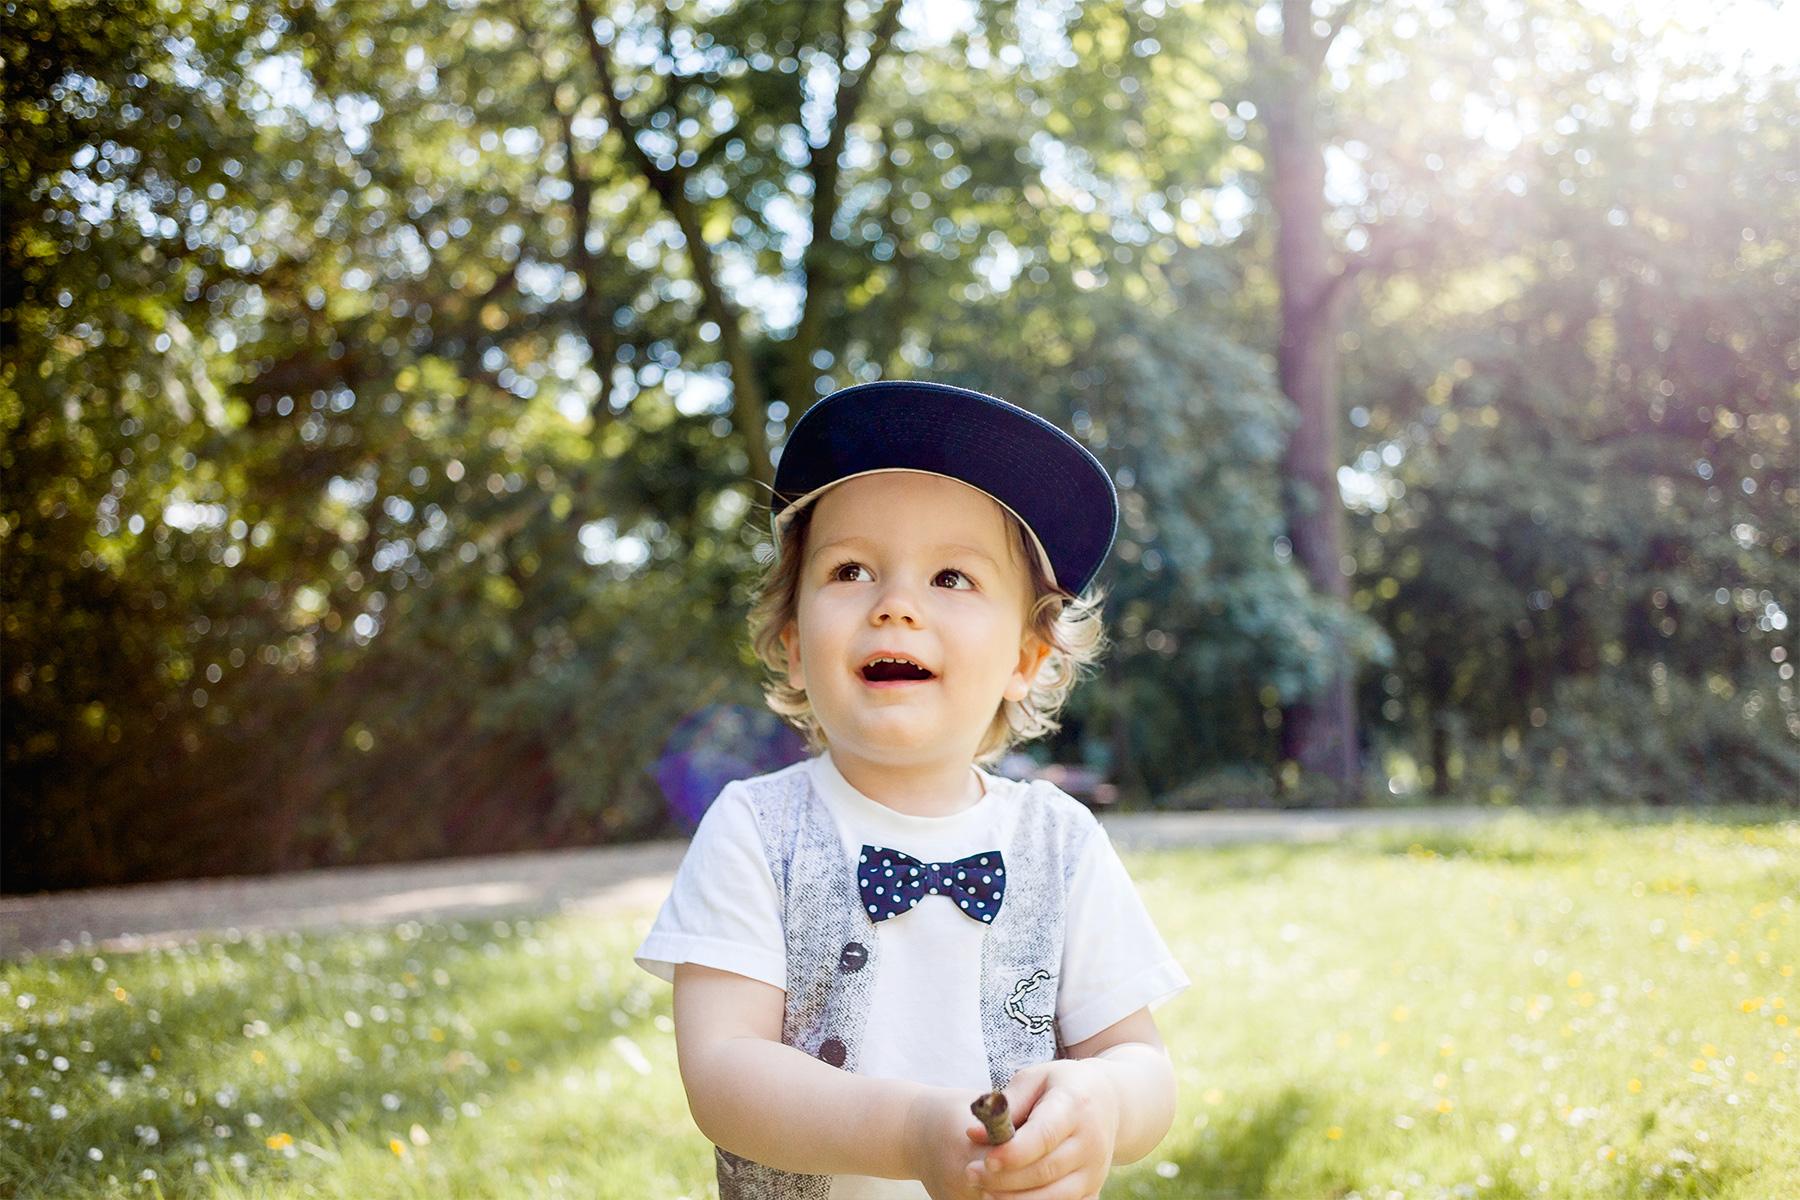 kleiner Junge steht mit einem Stock in den Händen im Park und blickt staunend ins Grün